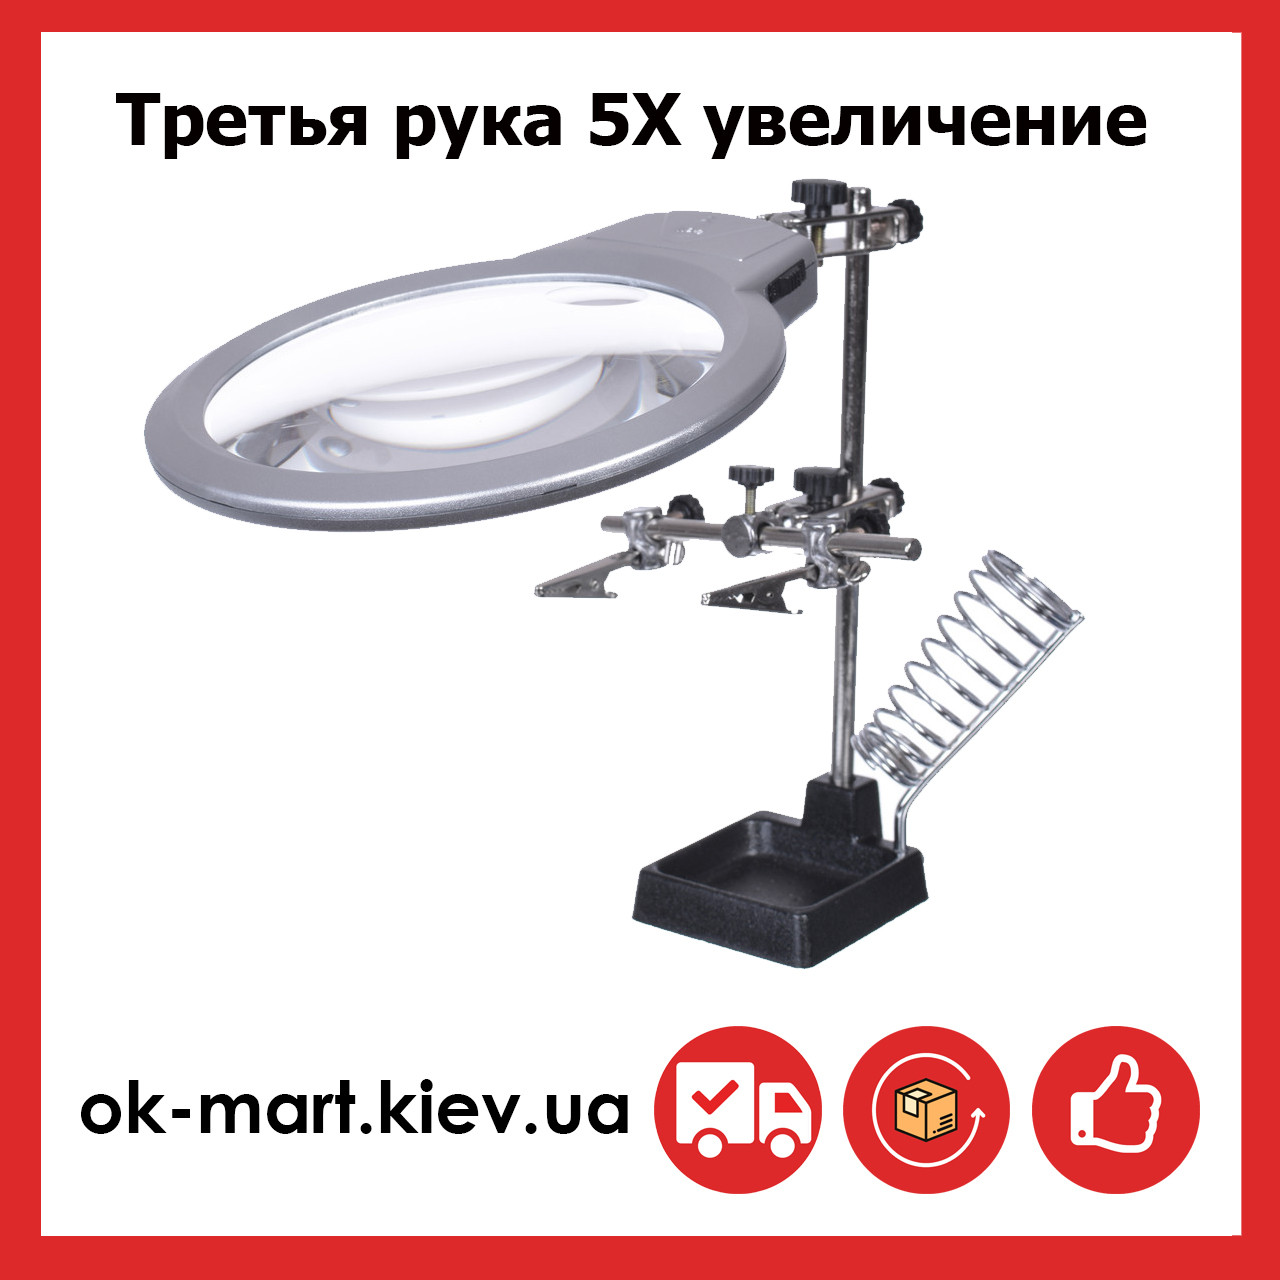 Третья рука 5Х увеличение, LED подсветка, c лупой 85мм